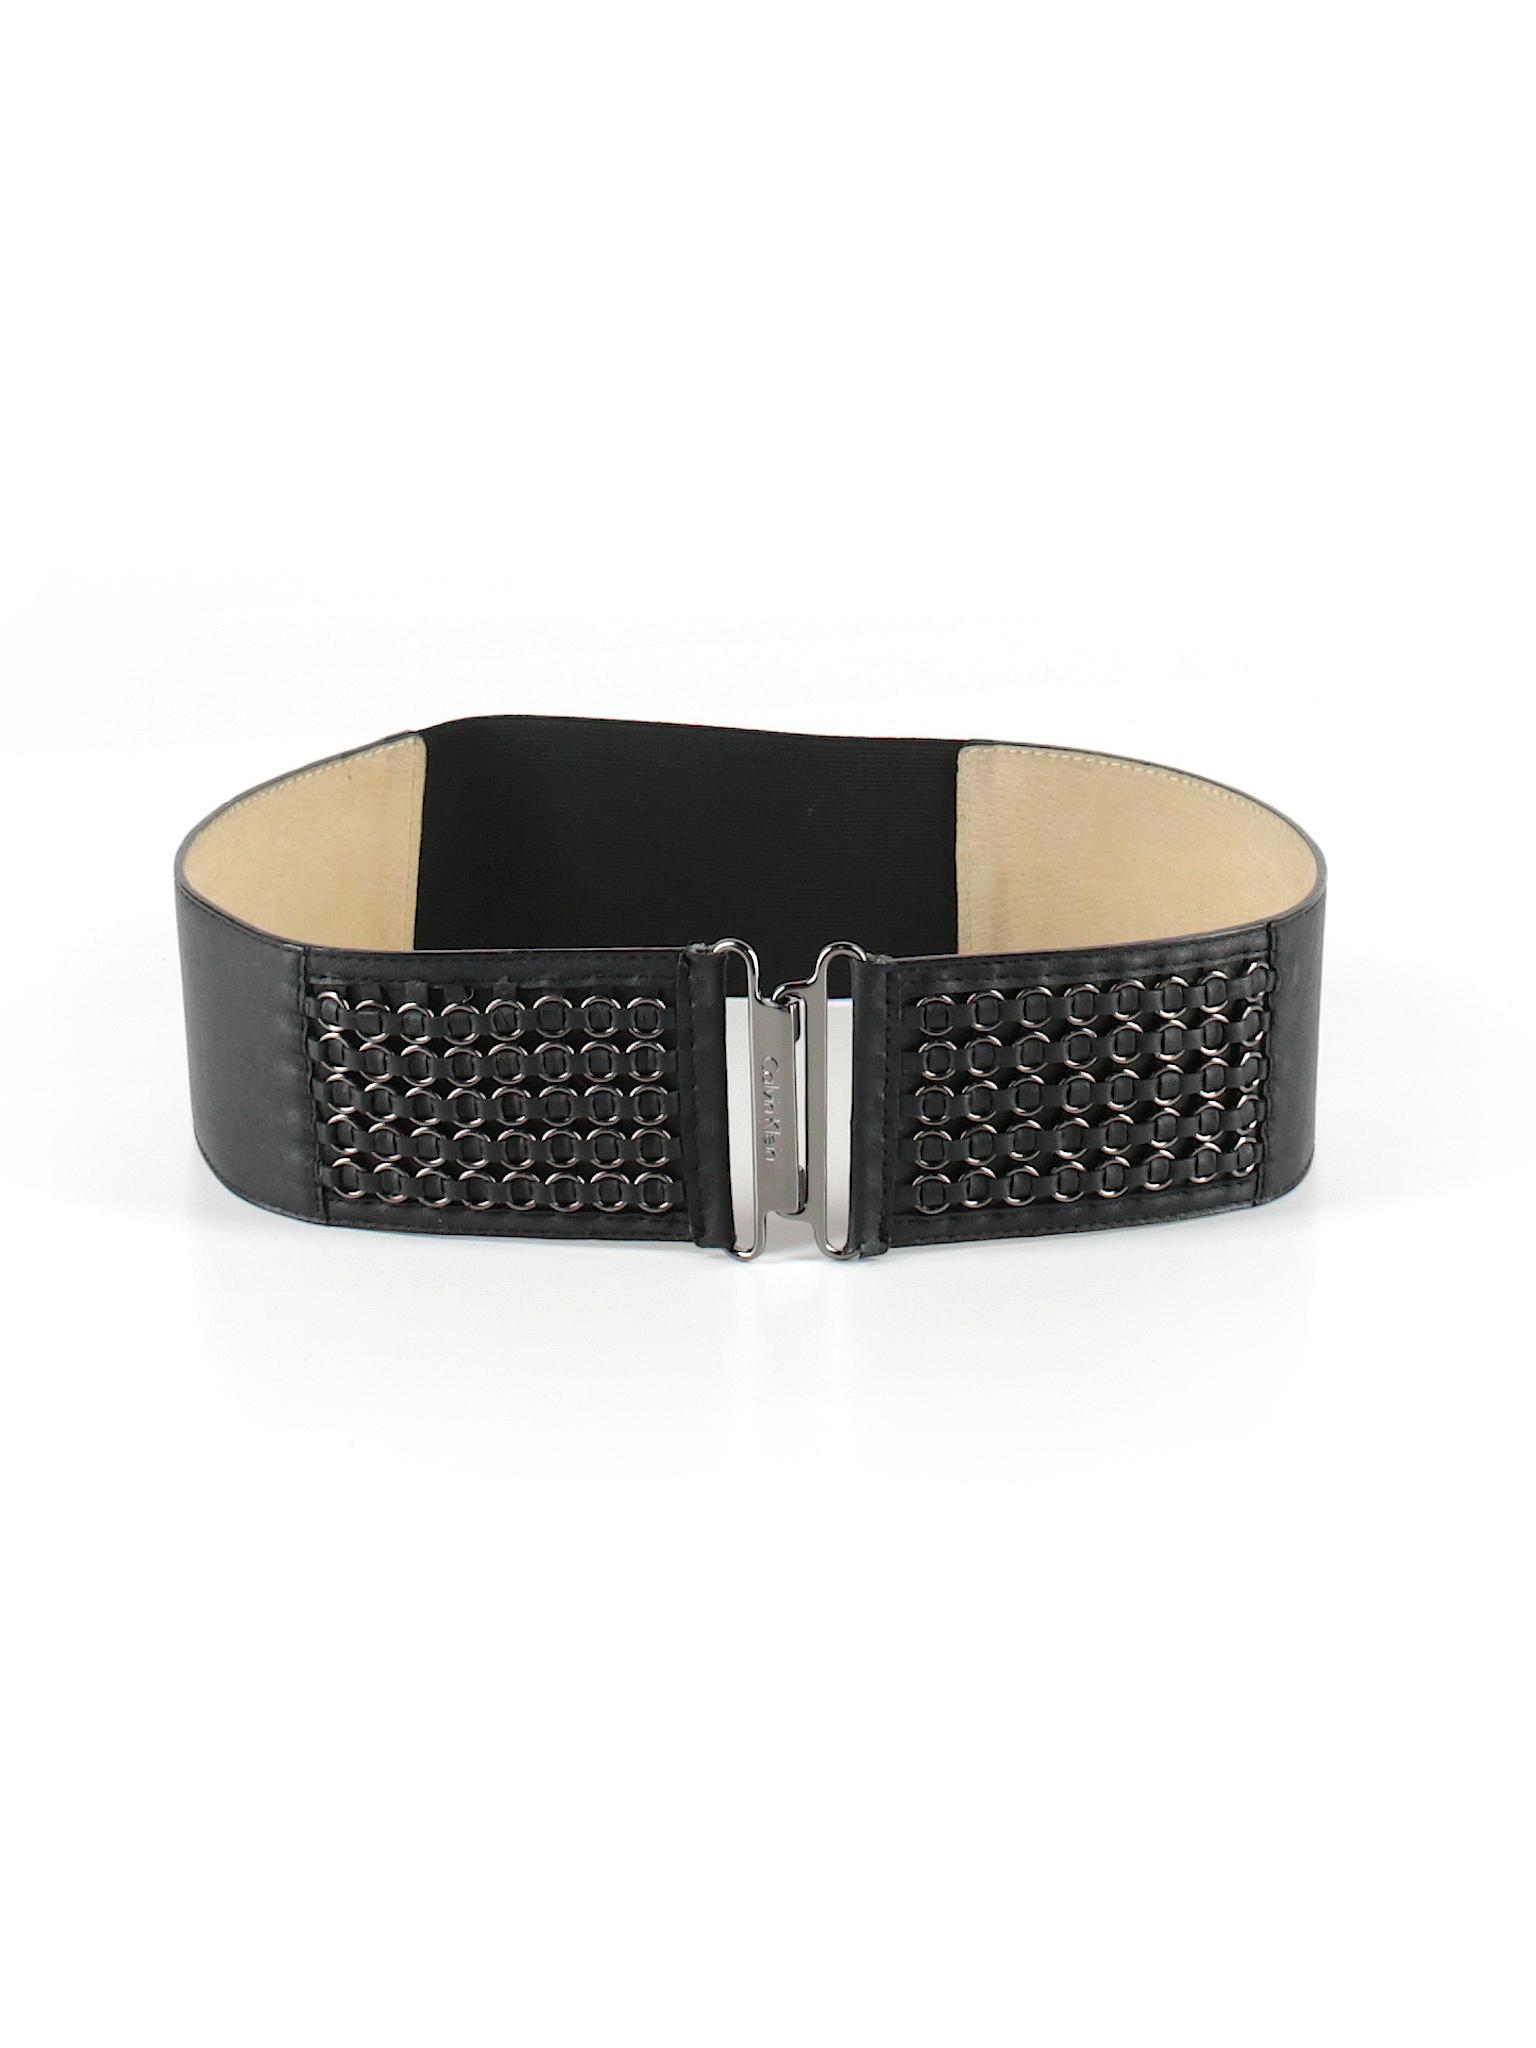 6f6bff46b73 Calvin Klein Solid Black Belt Size Sm - Med - 80% off